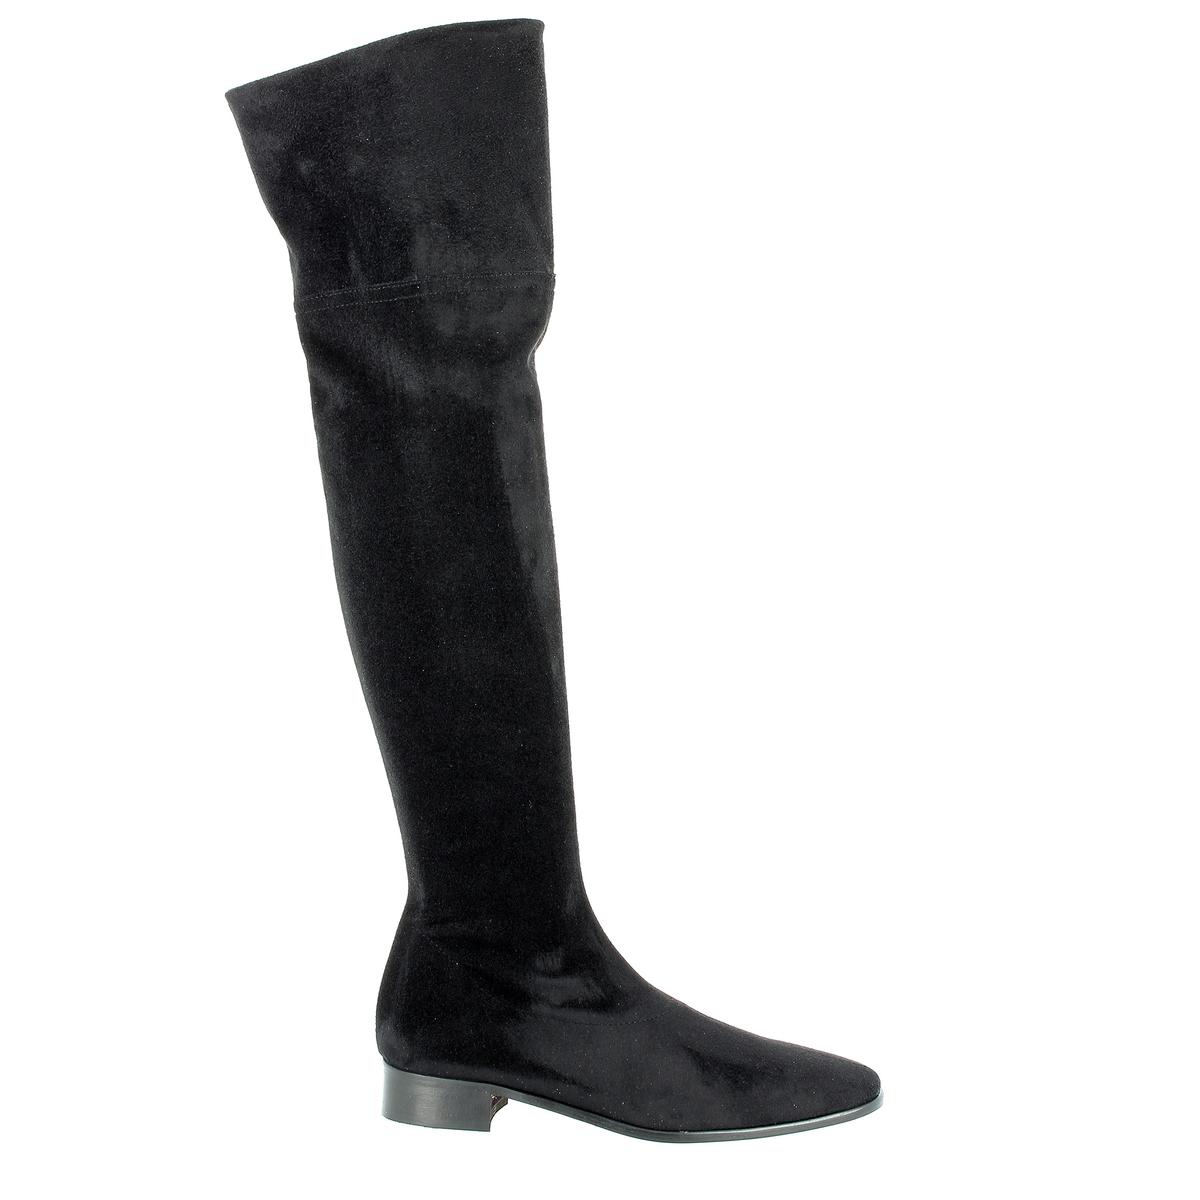 Ботфорты, BILTONПодкладка: Кожа и текстиль.          Стелька: Кожа.Подошва: Кожа и синтетика.                    Высота голенища: 57 см.  Форма каблука: Плоская.     Мысок: Круглый.        Застежка: На молнию.<br><br>Цвет: черный